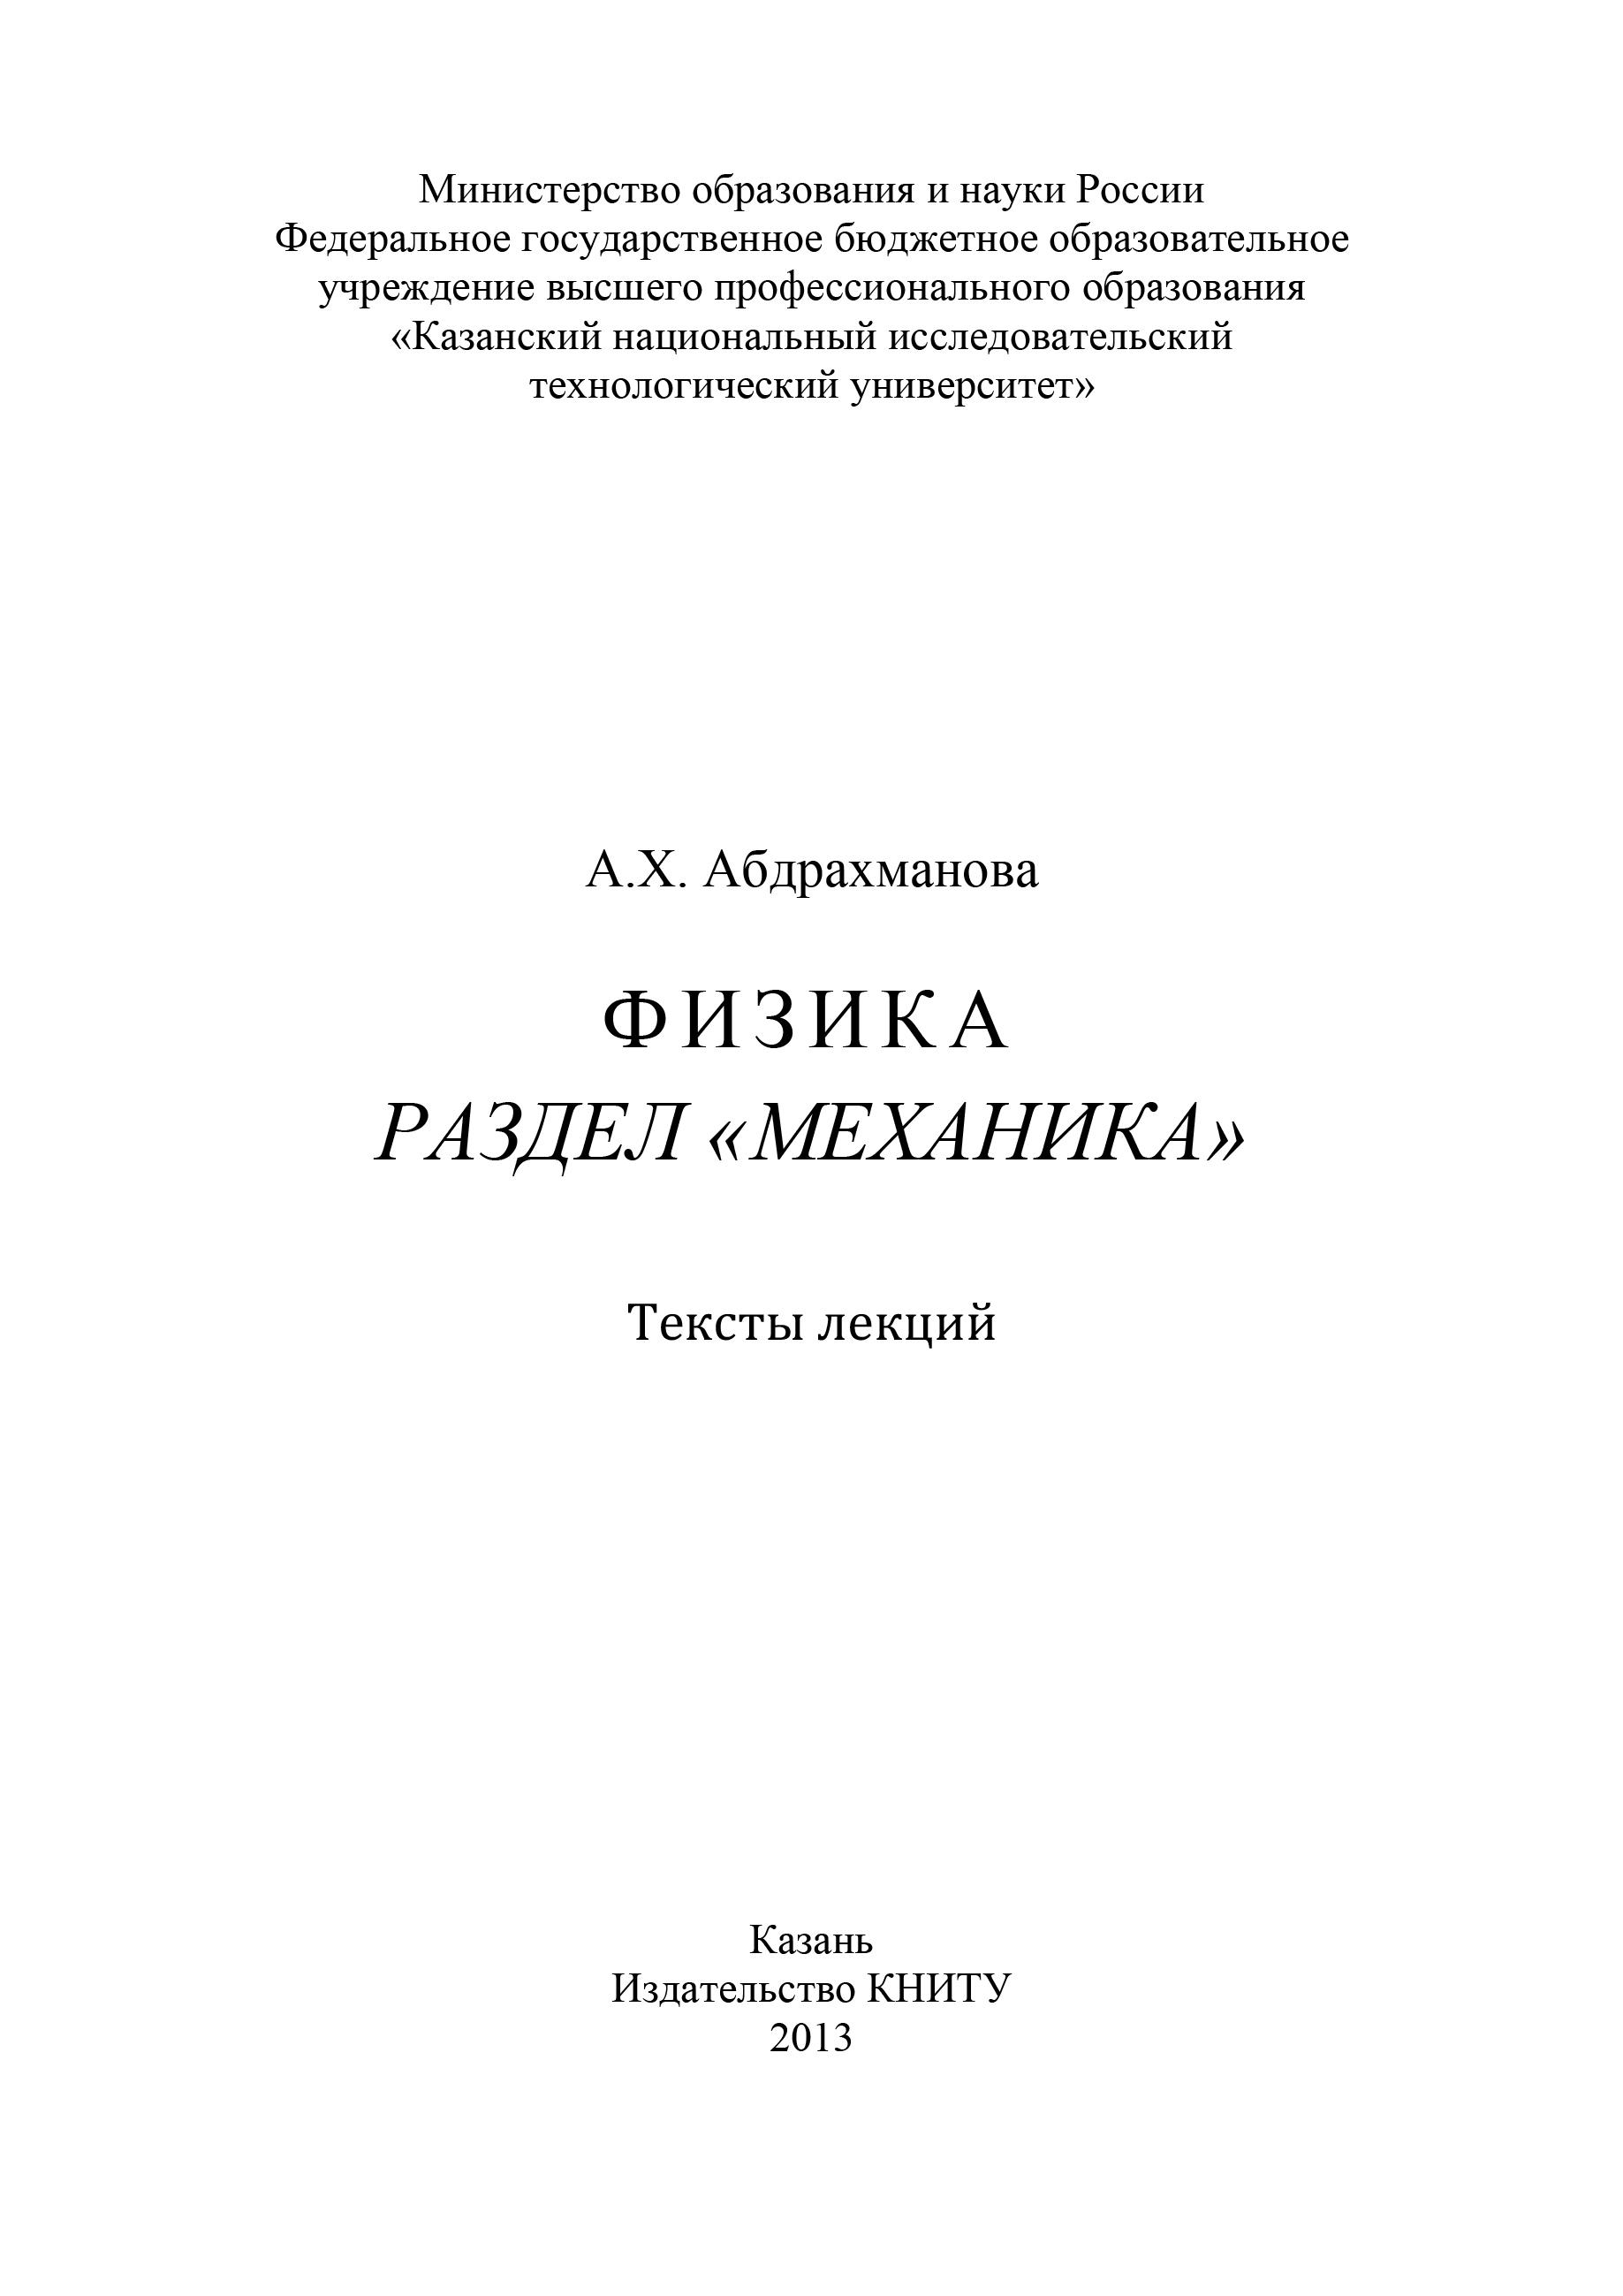 Коллектив авторов Физика. Раздел «Механика»